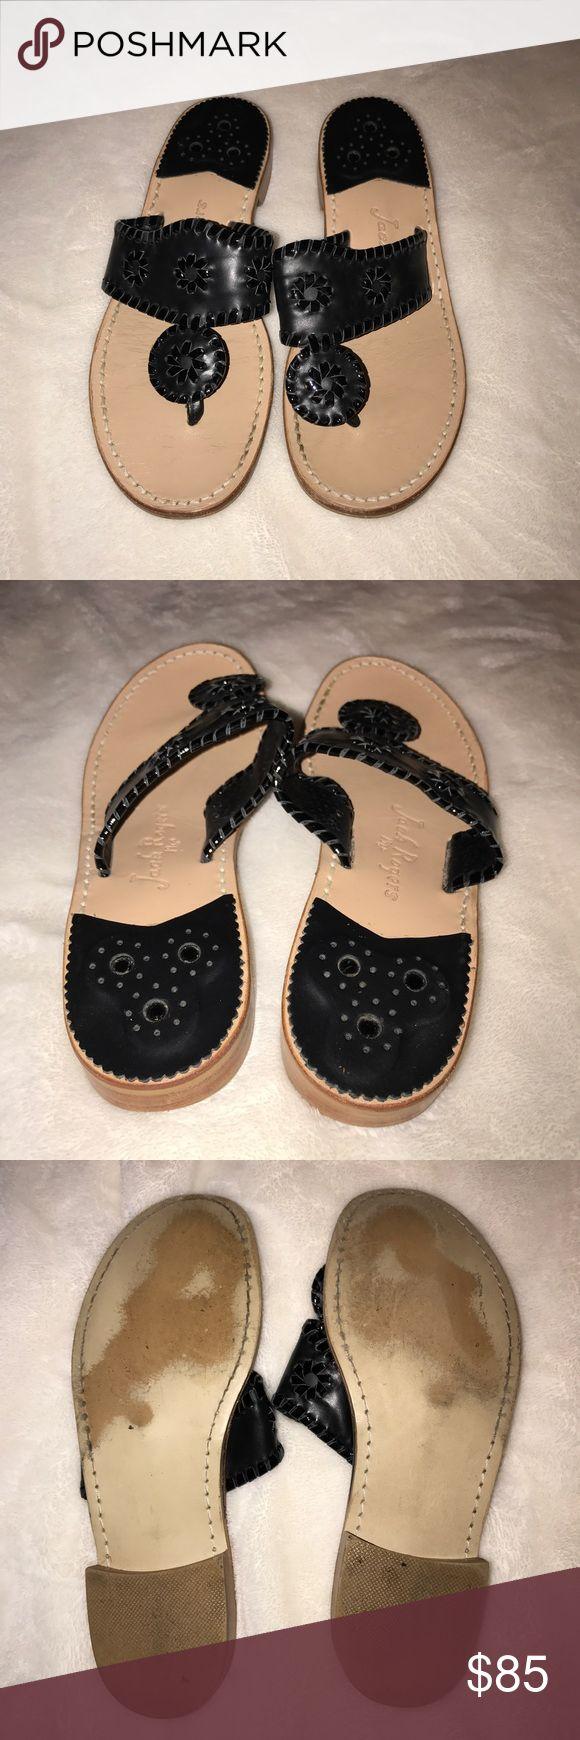 Black Jack Rogers Worn once! Black Jack Rogers Jack Rogers Shoes Sandals